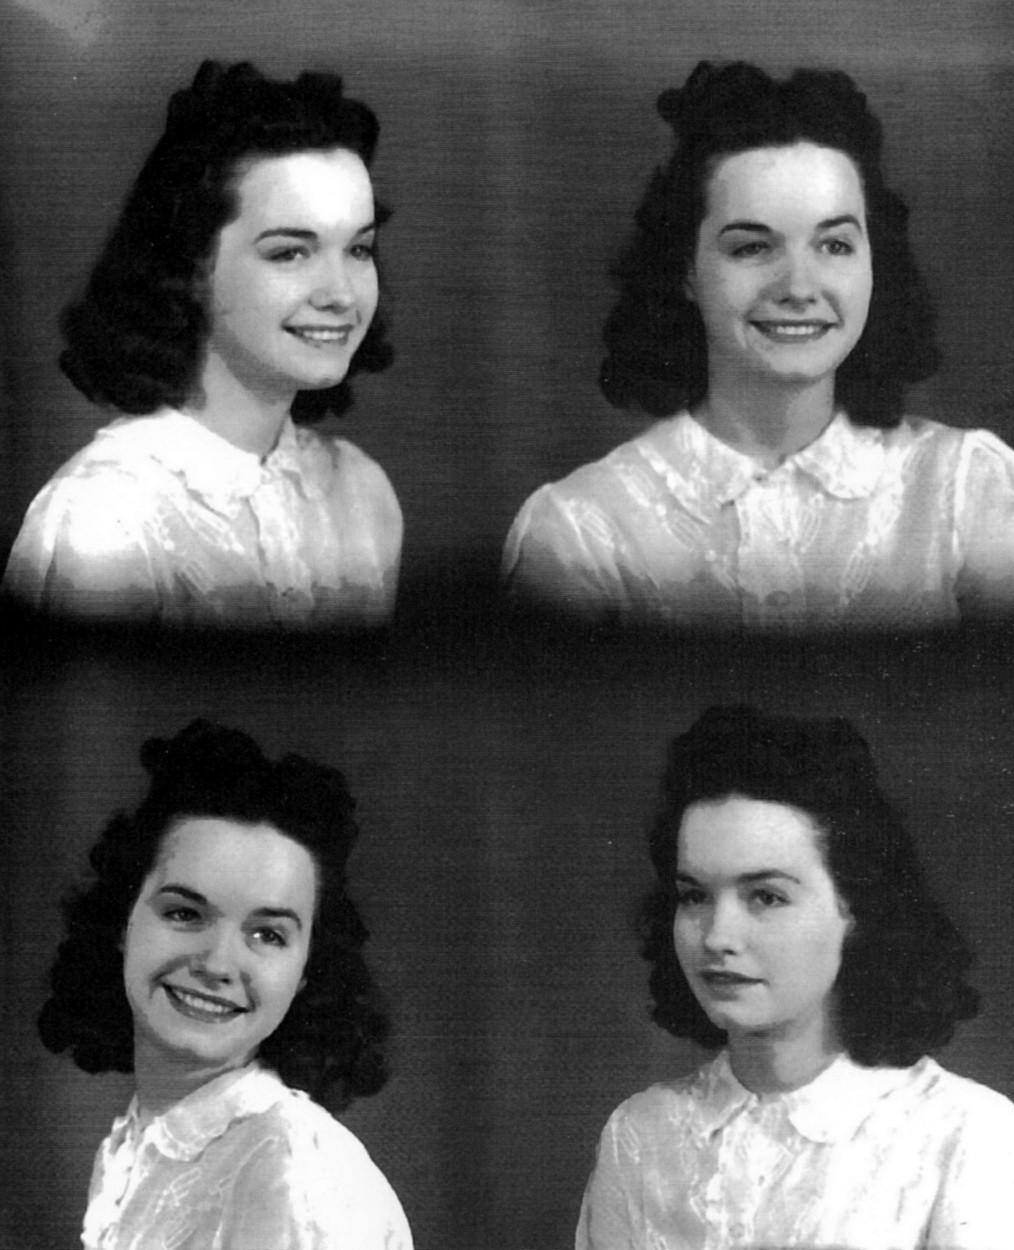 Бетти Пейдж, Bettie Page, королева, пинап, pinup